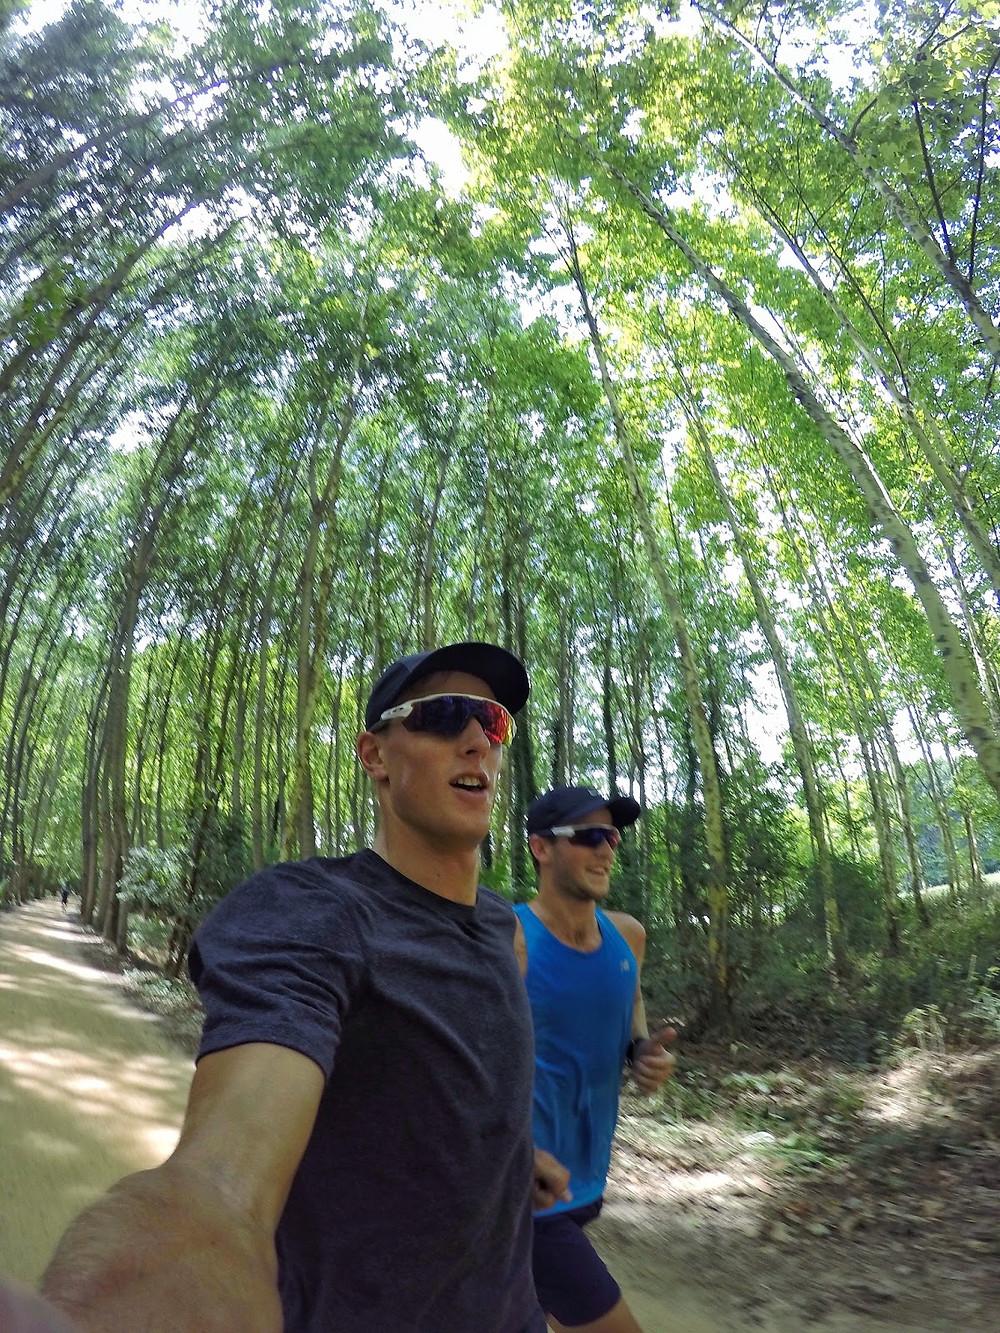 Running on the trails with training partner Jack van Stekelenberg